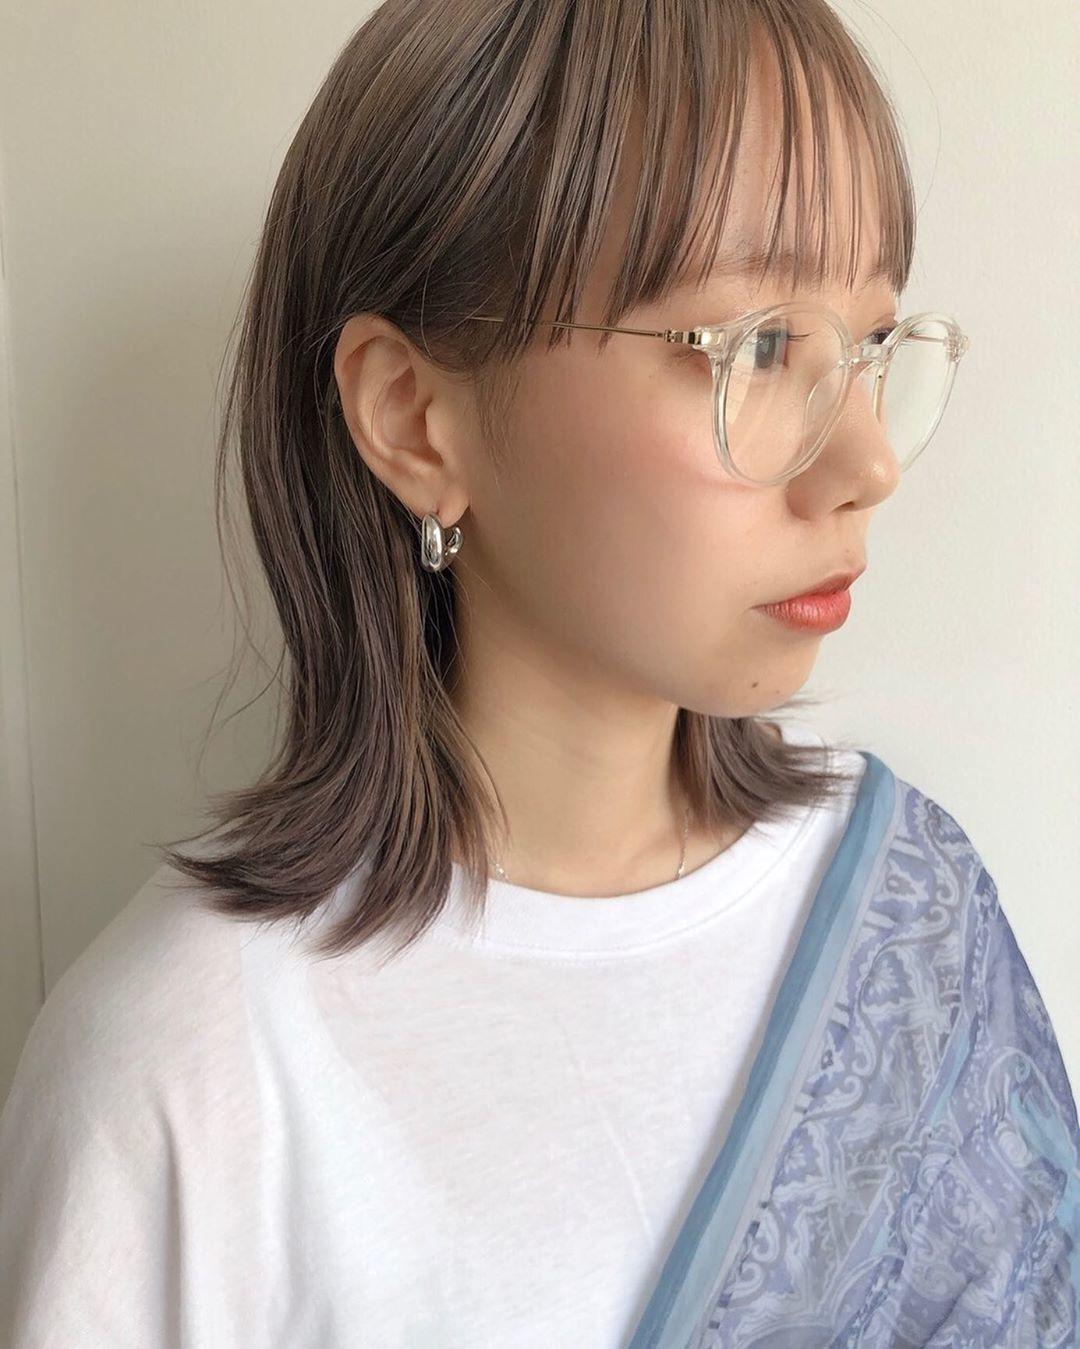 クリアメガネで女の子っぽく